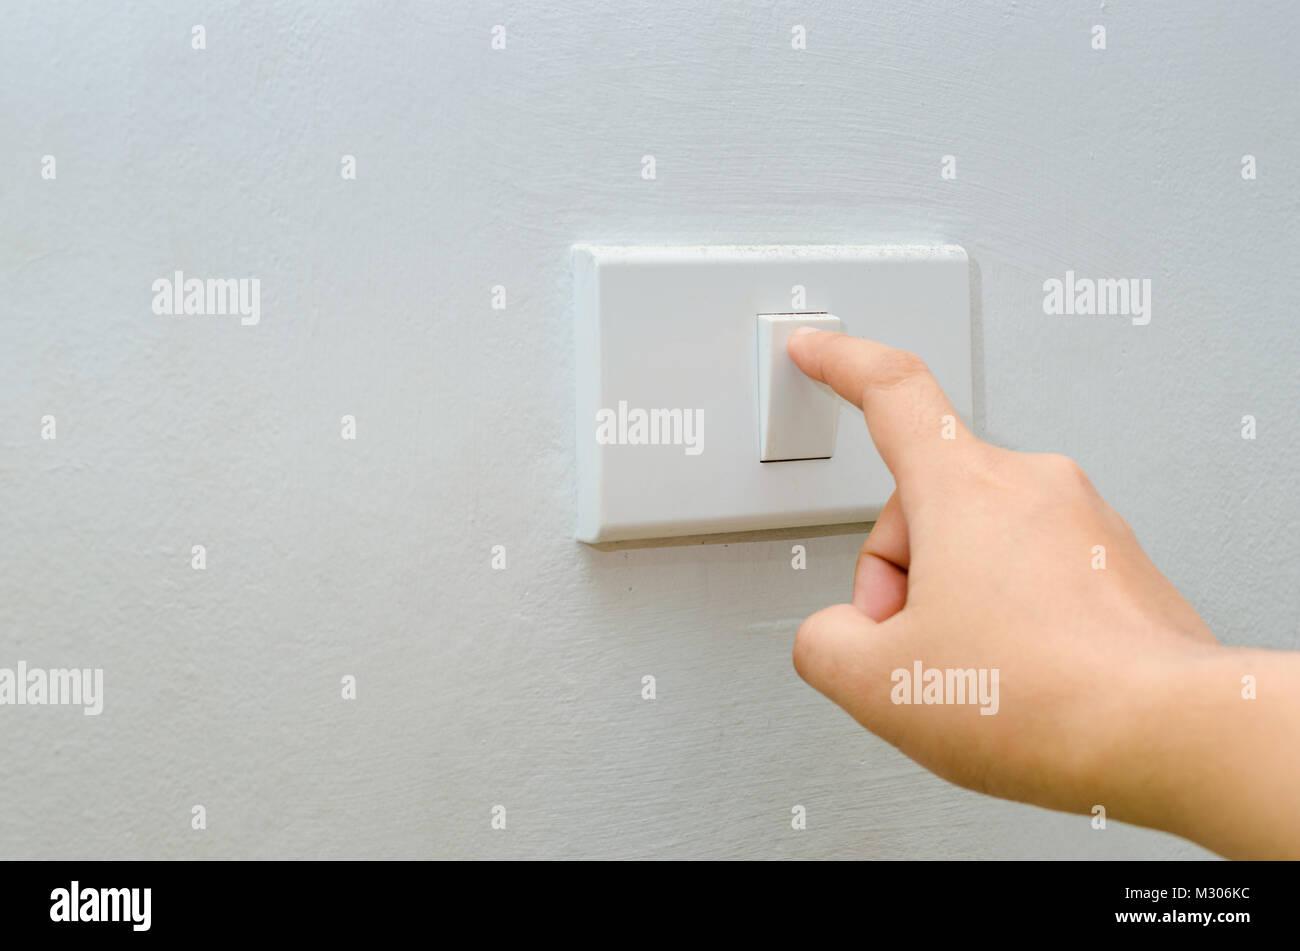 Sparen Sie Strom in der Nähe der Finger ist Ein- oder Ausschalten ...